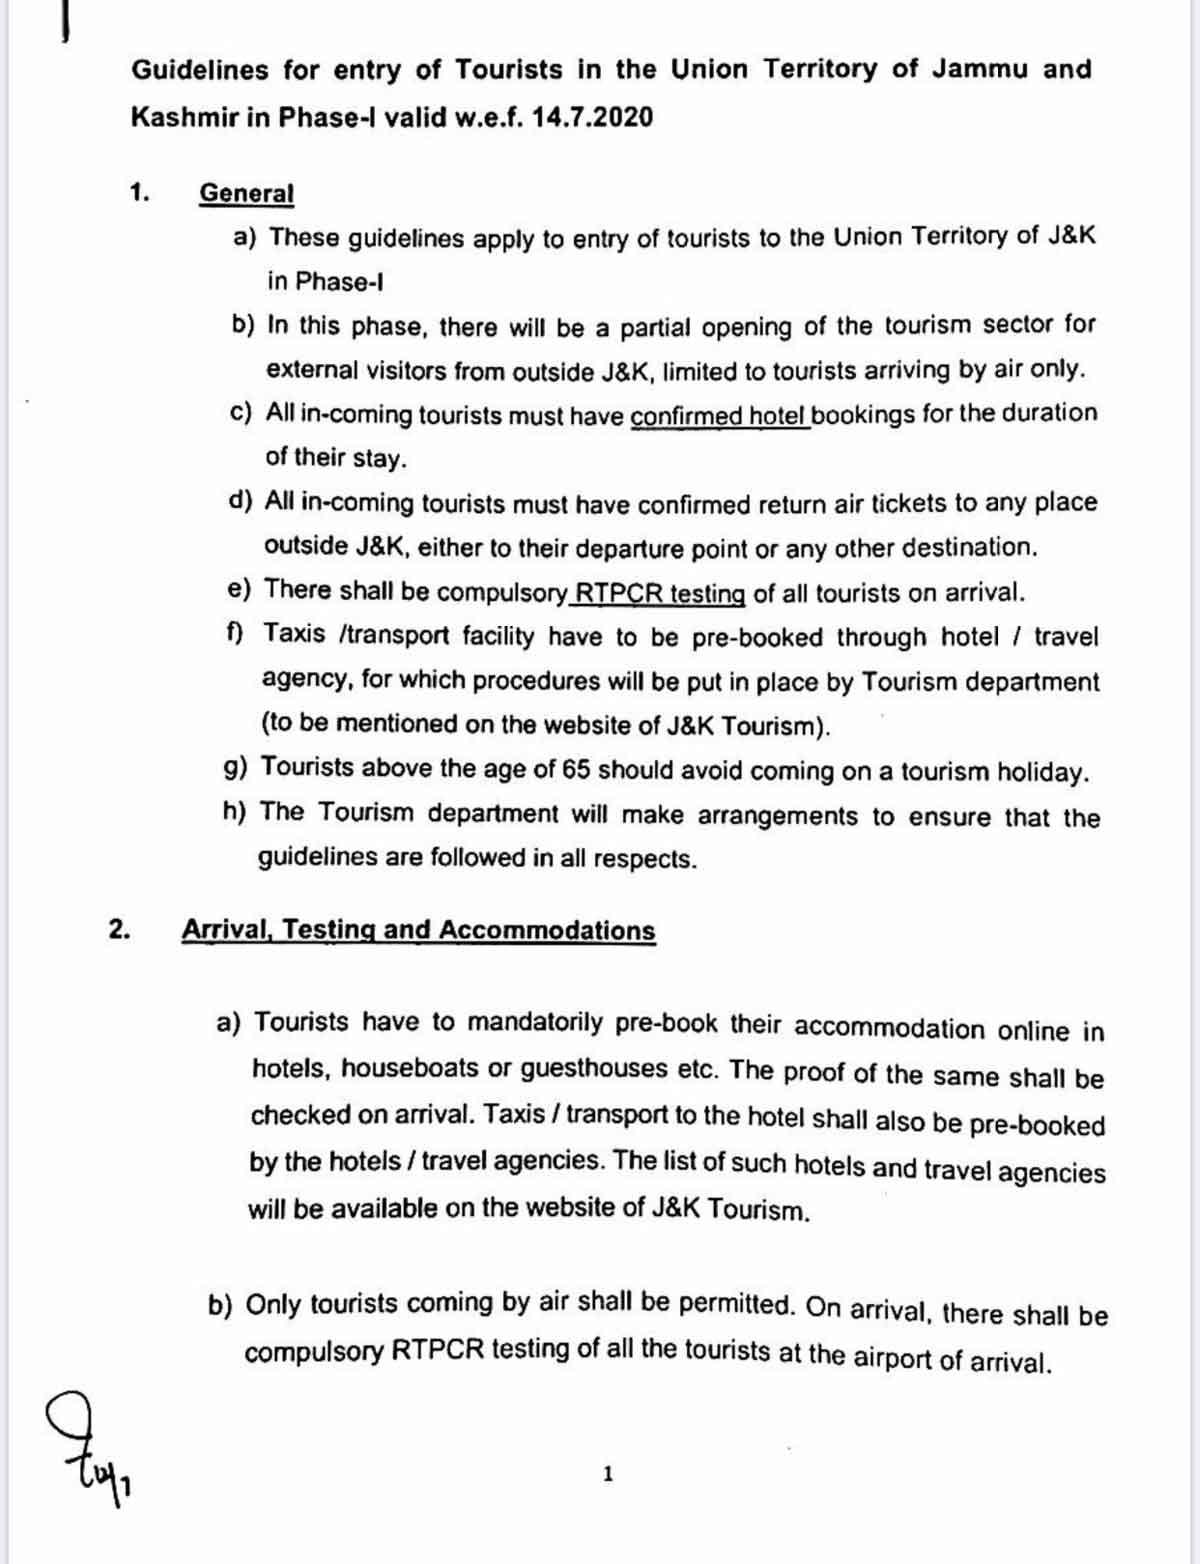 J&K Govt guidelines for tourists.